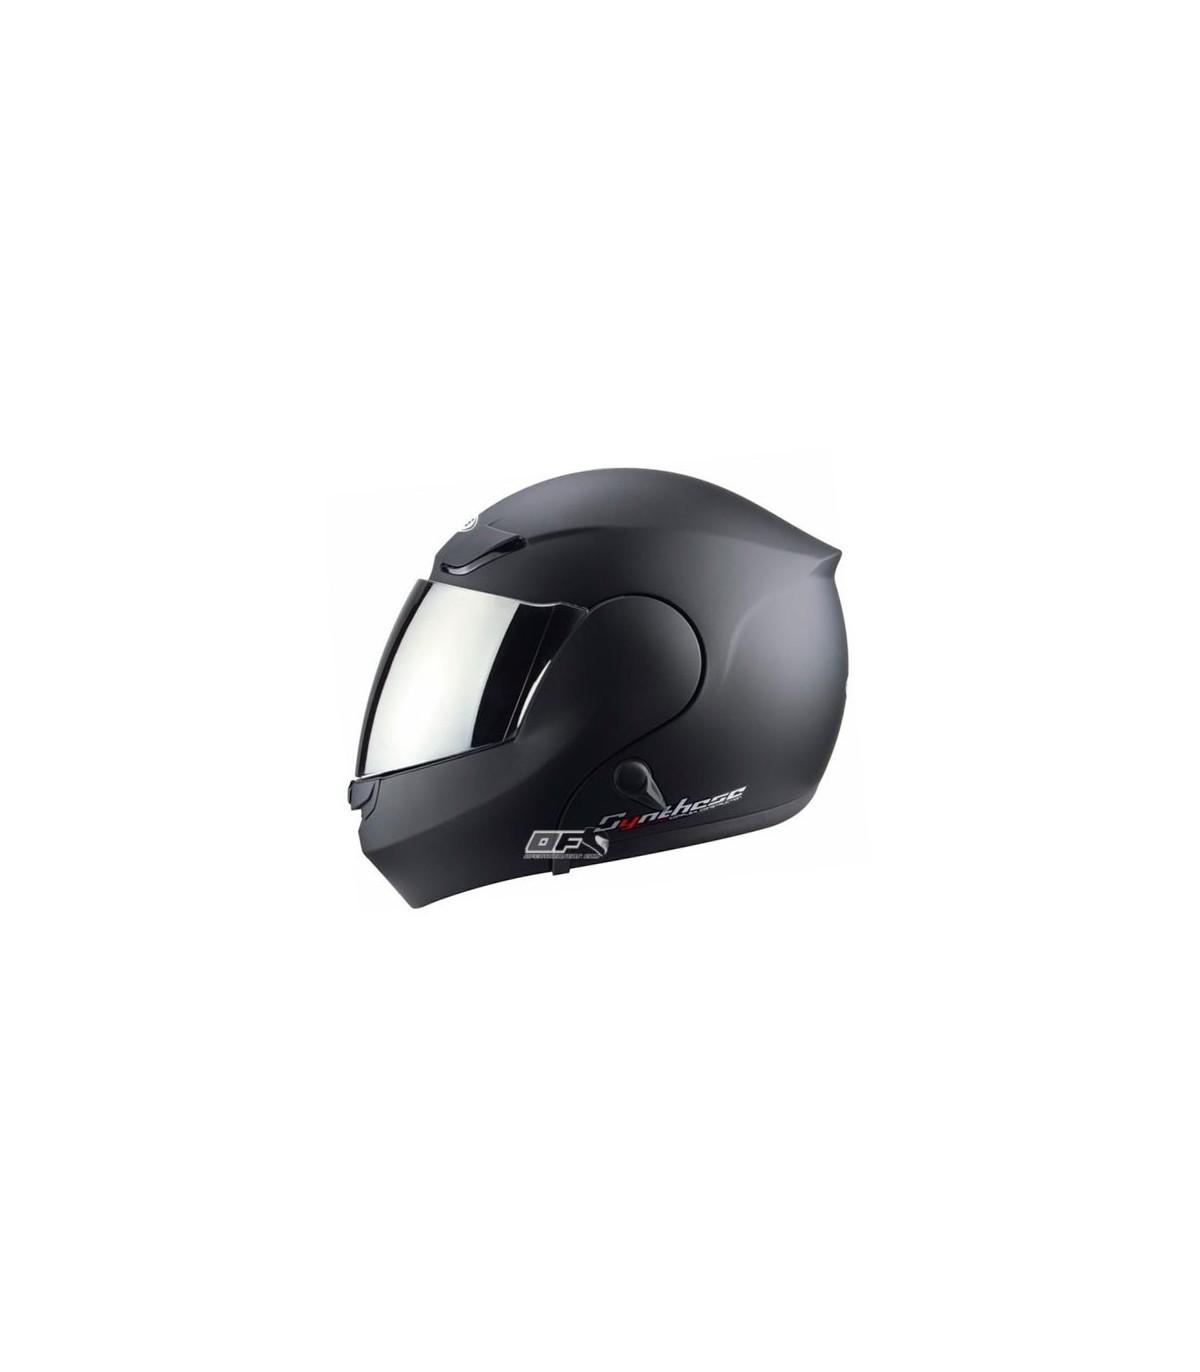 casco abatible ZEUS HZ 3000 NEGRO MATE CON GAFAS SOLARES